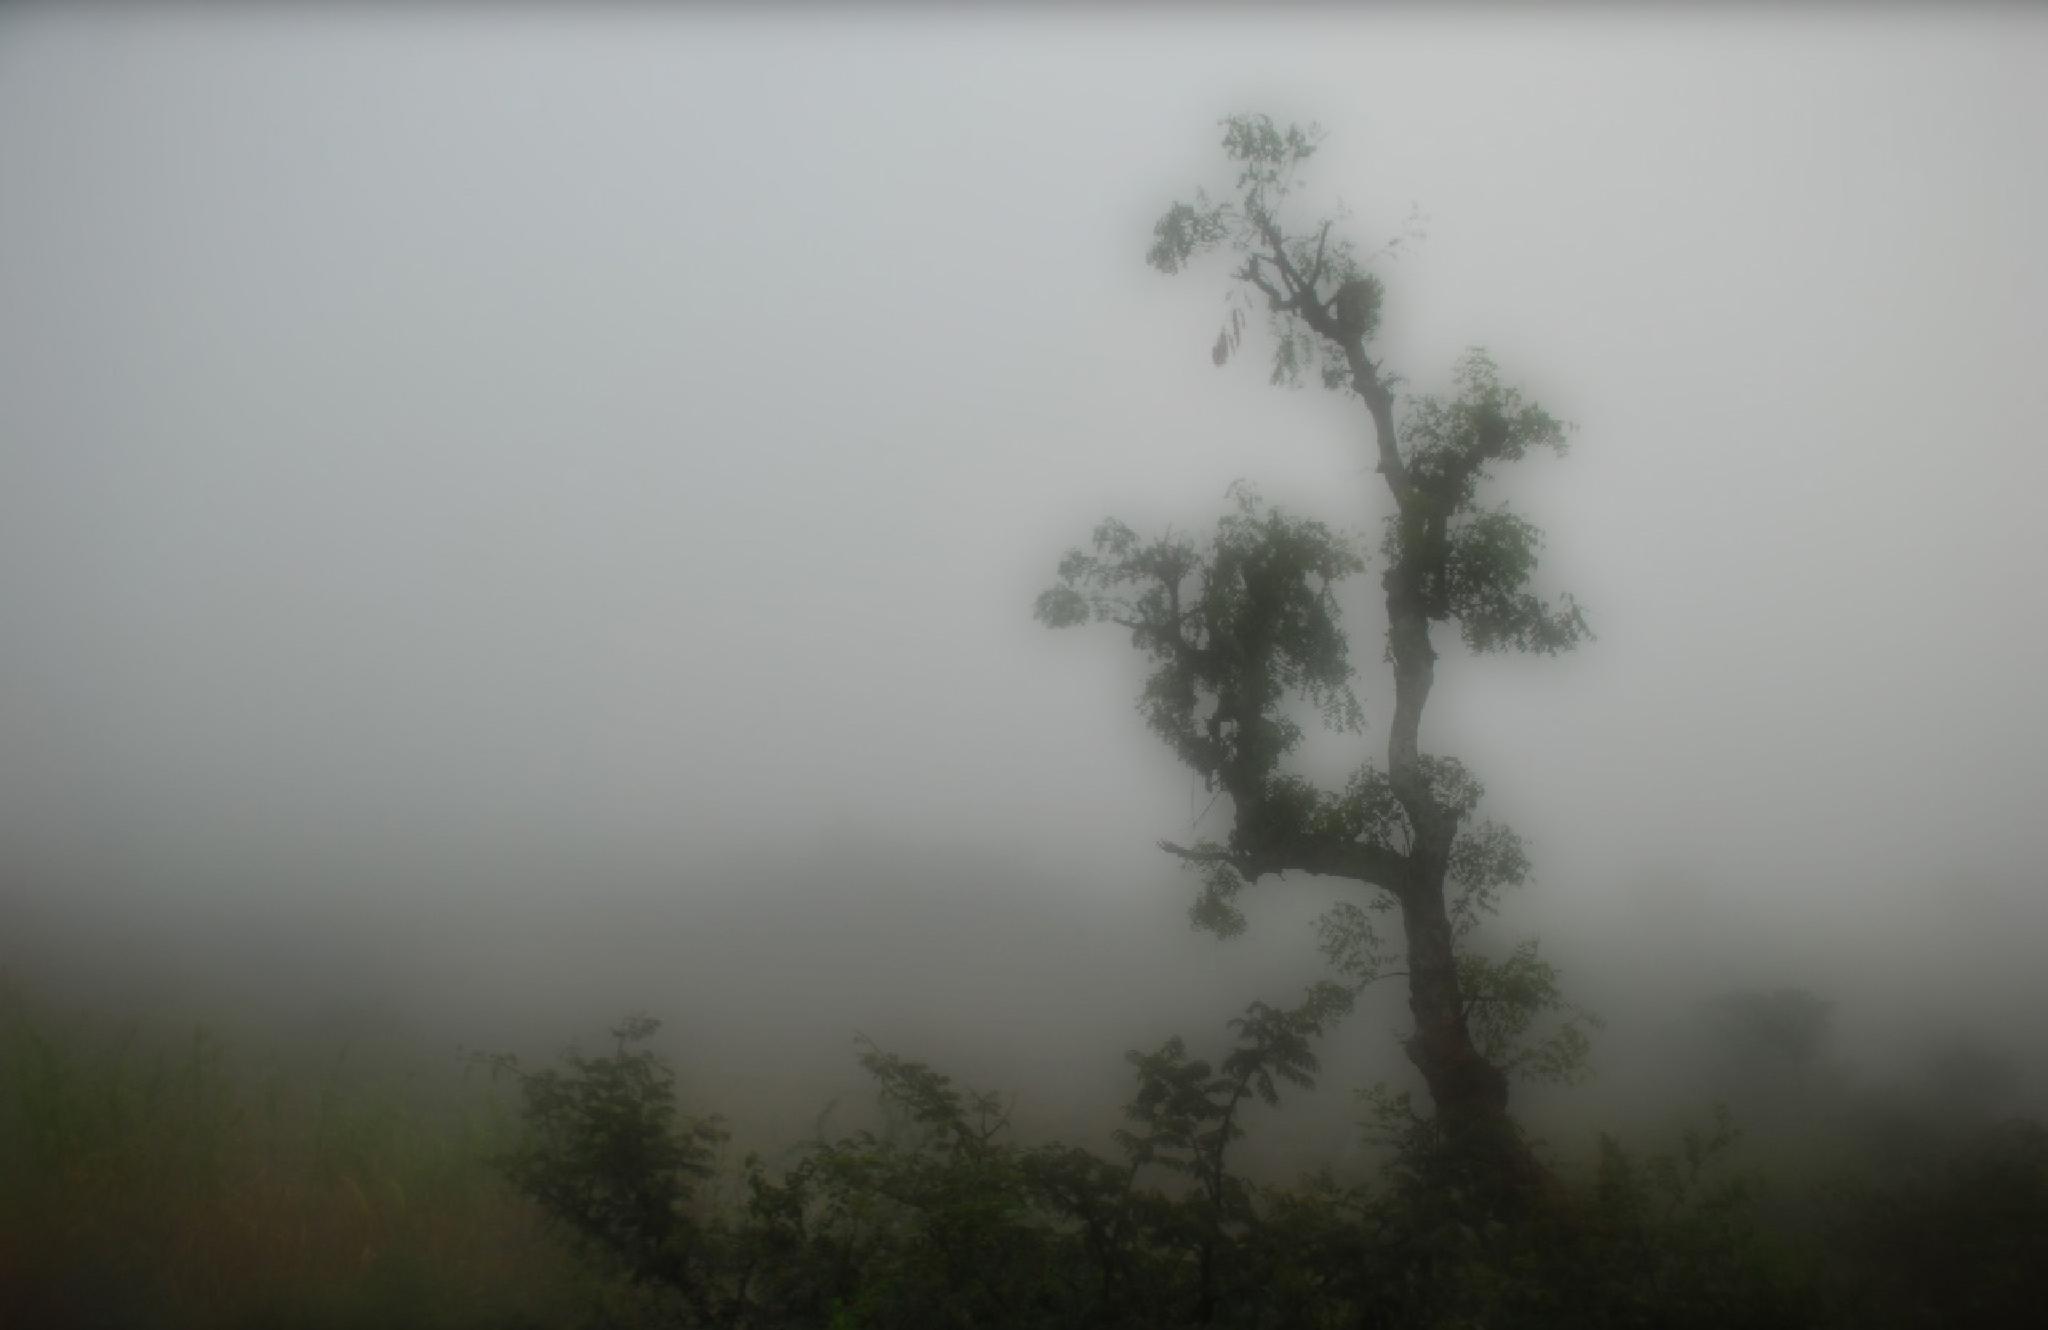 Mist by Rauf